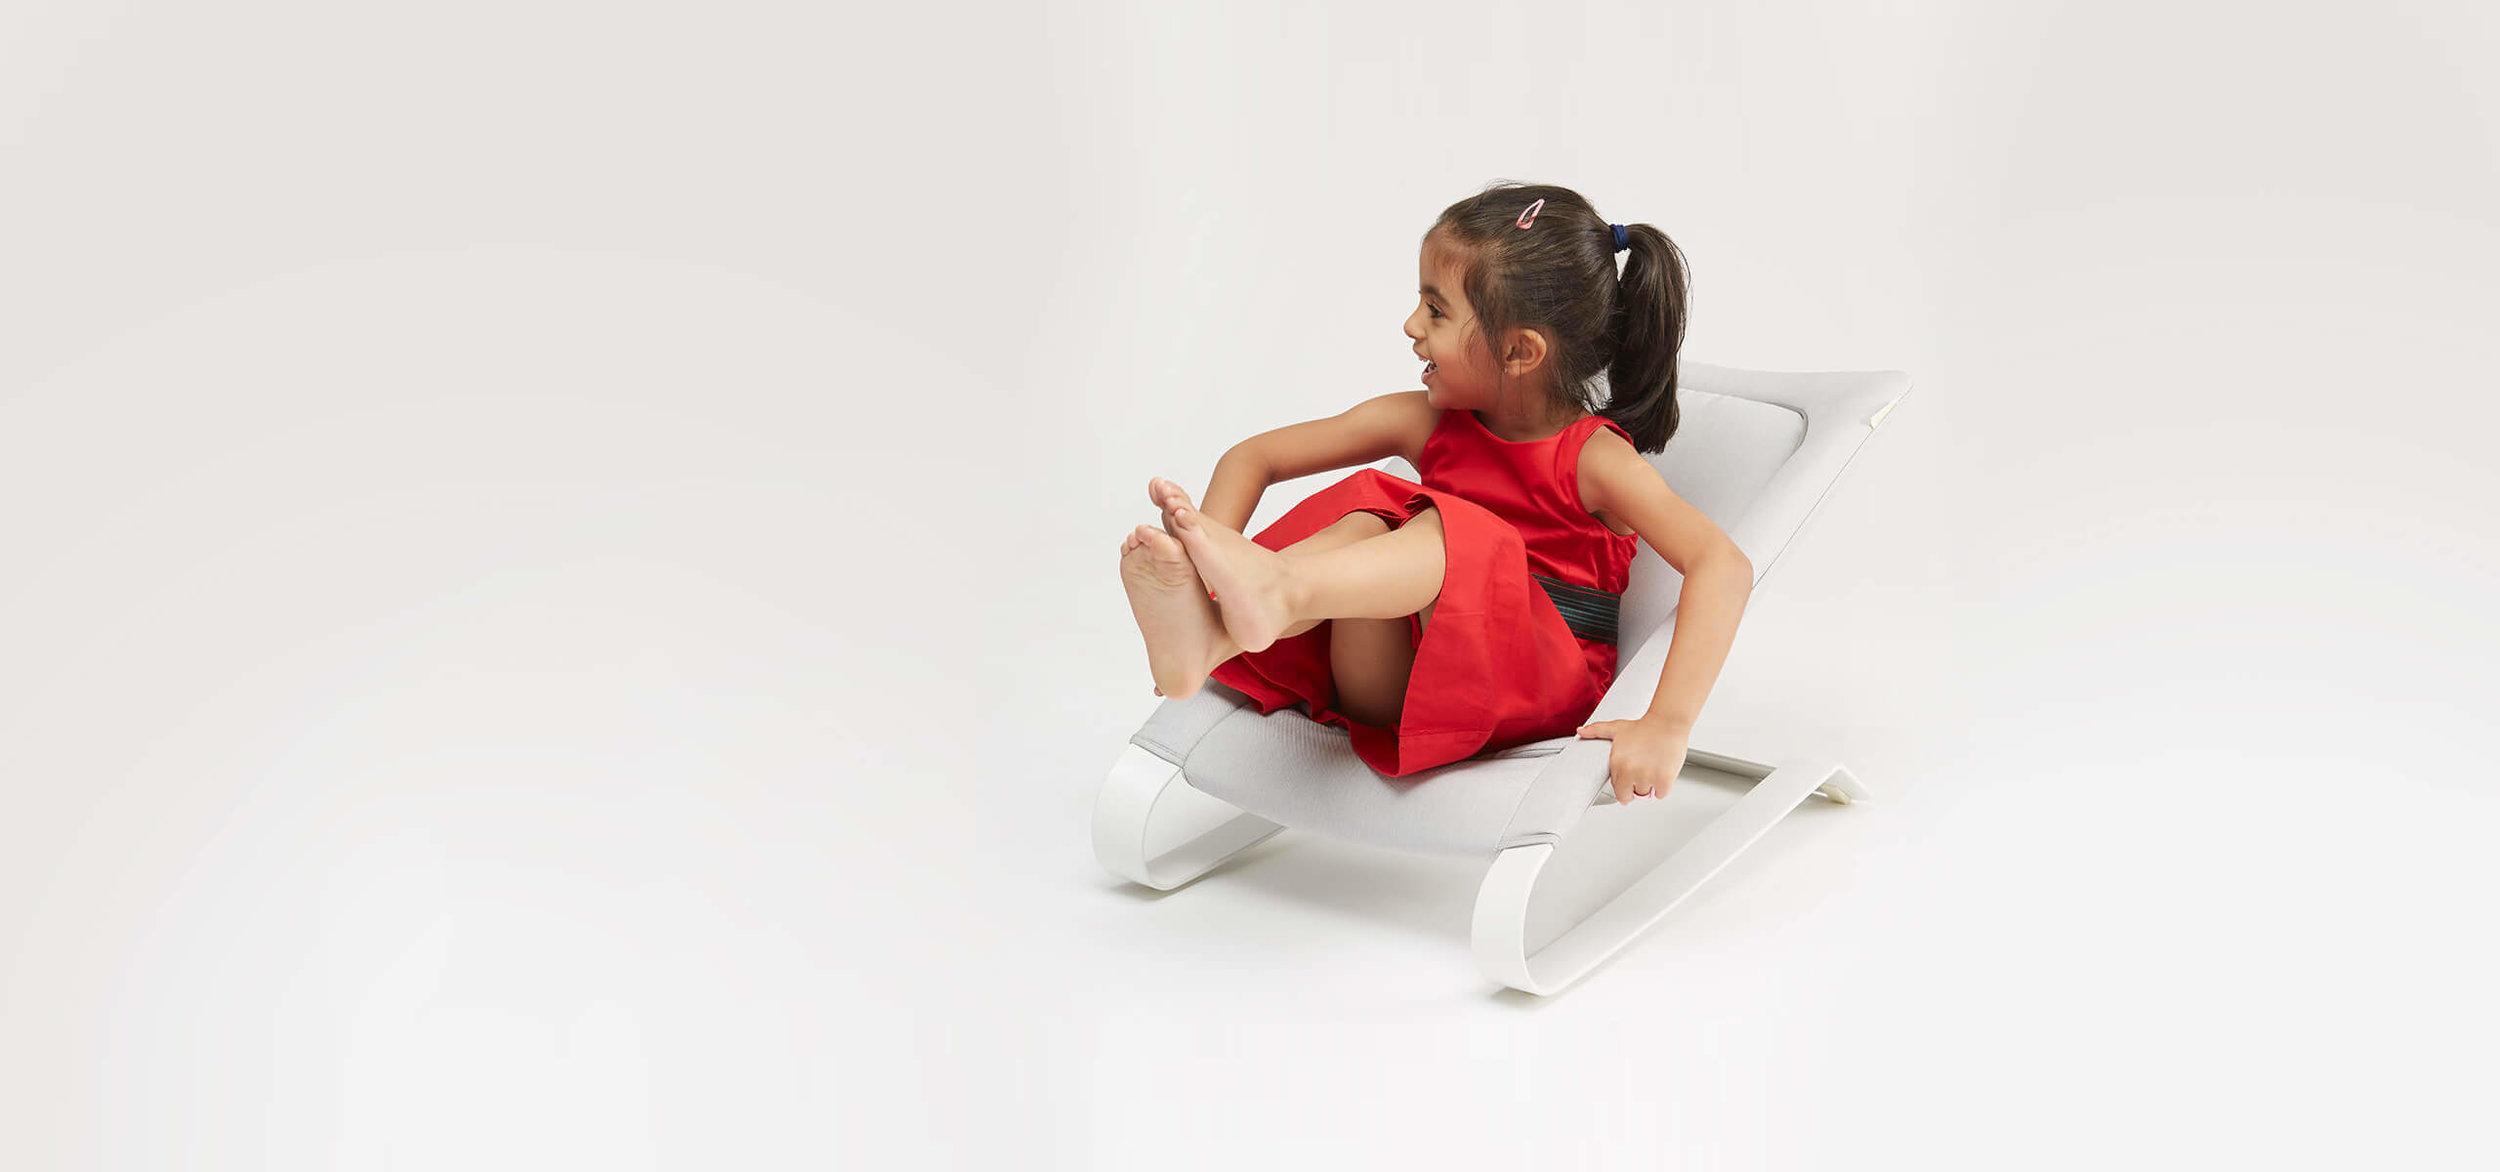 Bombol-Bamboo-big-girl-in-red-in baby-bouncer.jpg